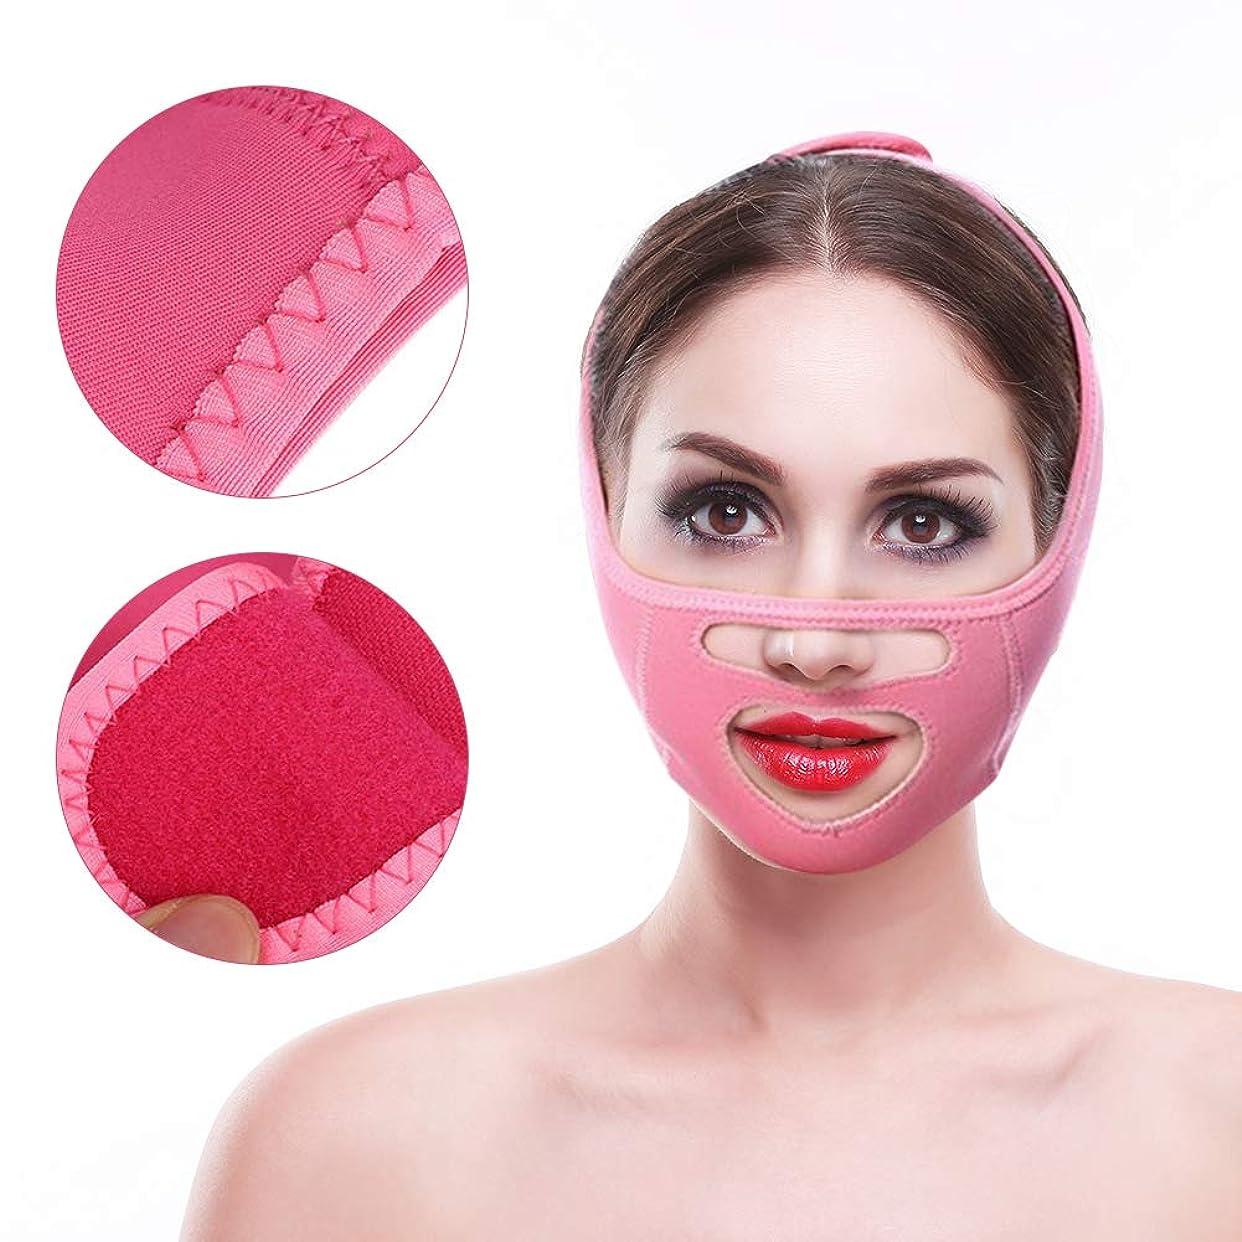 わな寛大な郵便局顔の持ち上がる整形ベルト、効果的に顔の形を改善し、顔と首の二重あごに肌を引き締め包帯を減らす